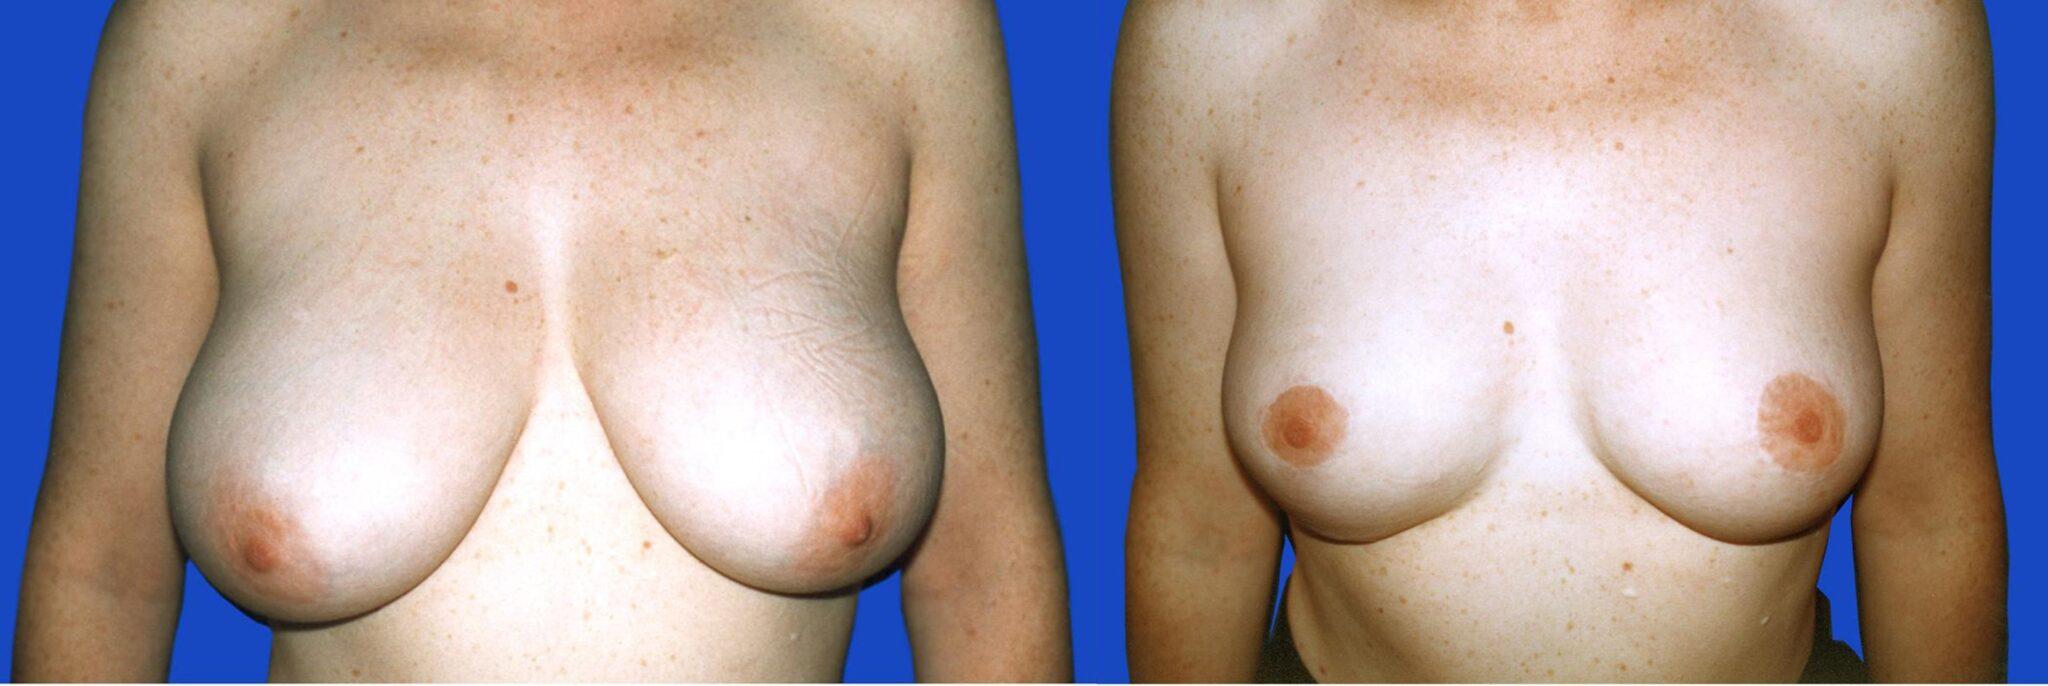 Reducció de mames - Foto 3